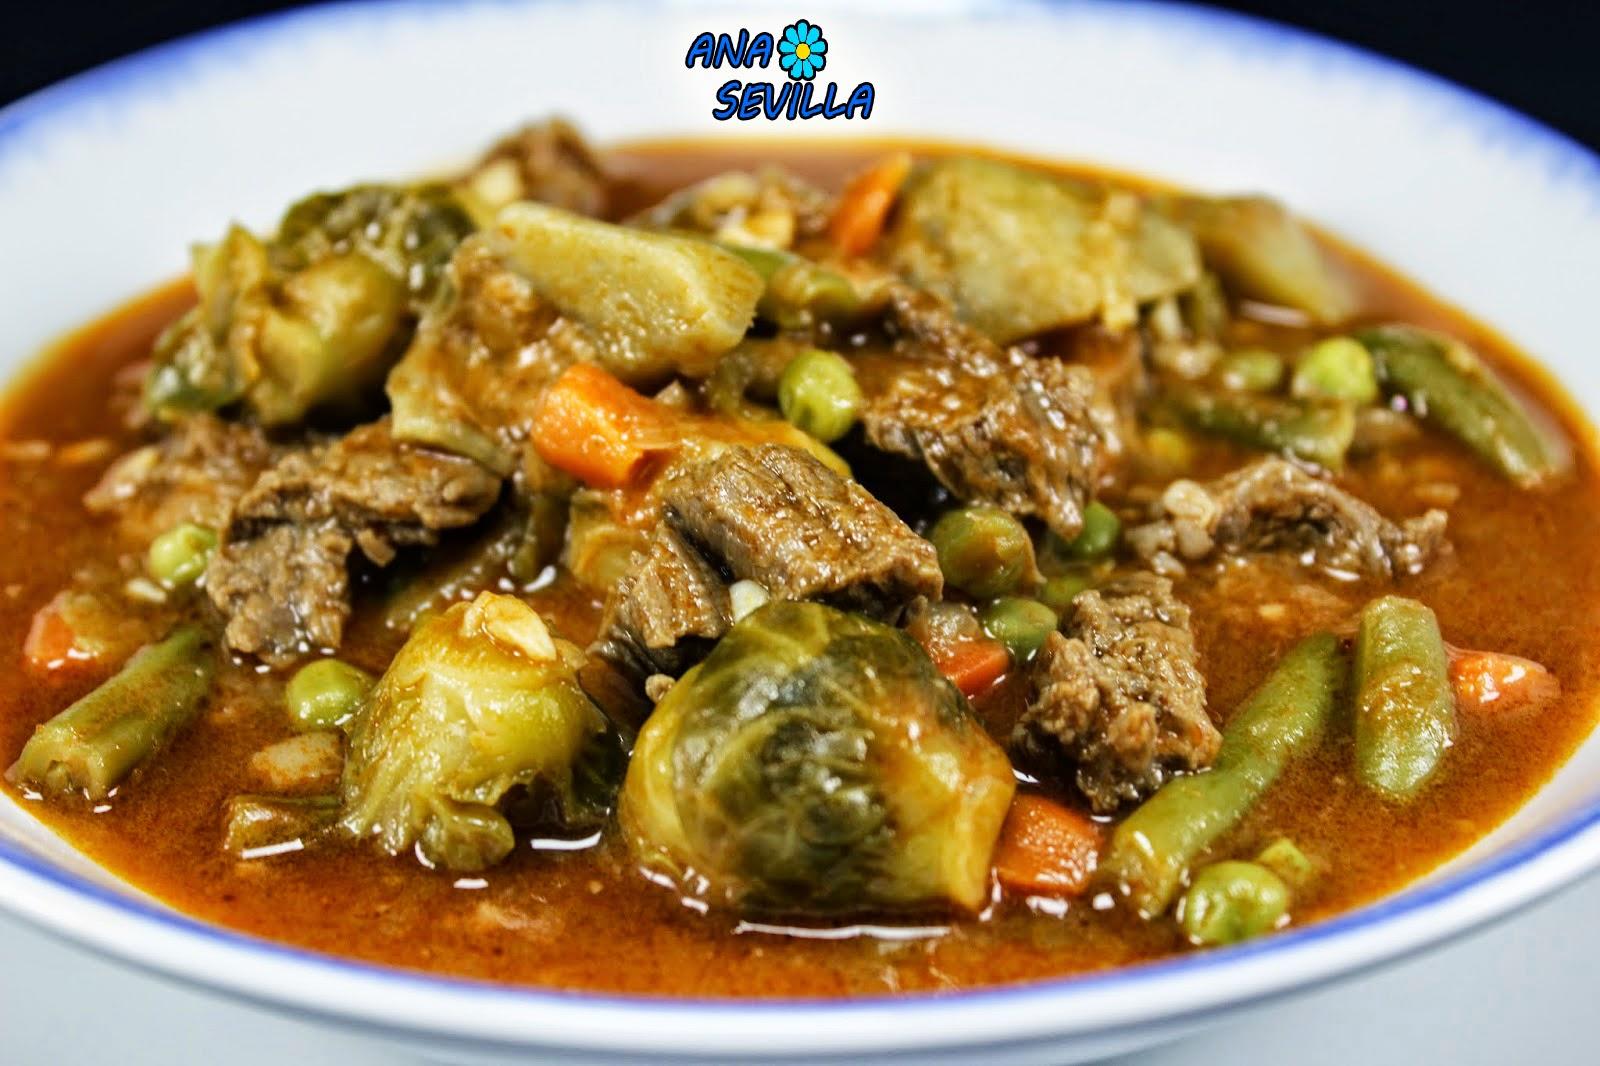 Menestra con carne Ana Sevilla cocina tradicional